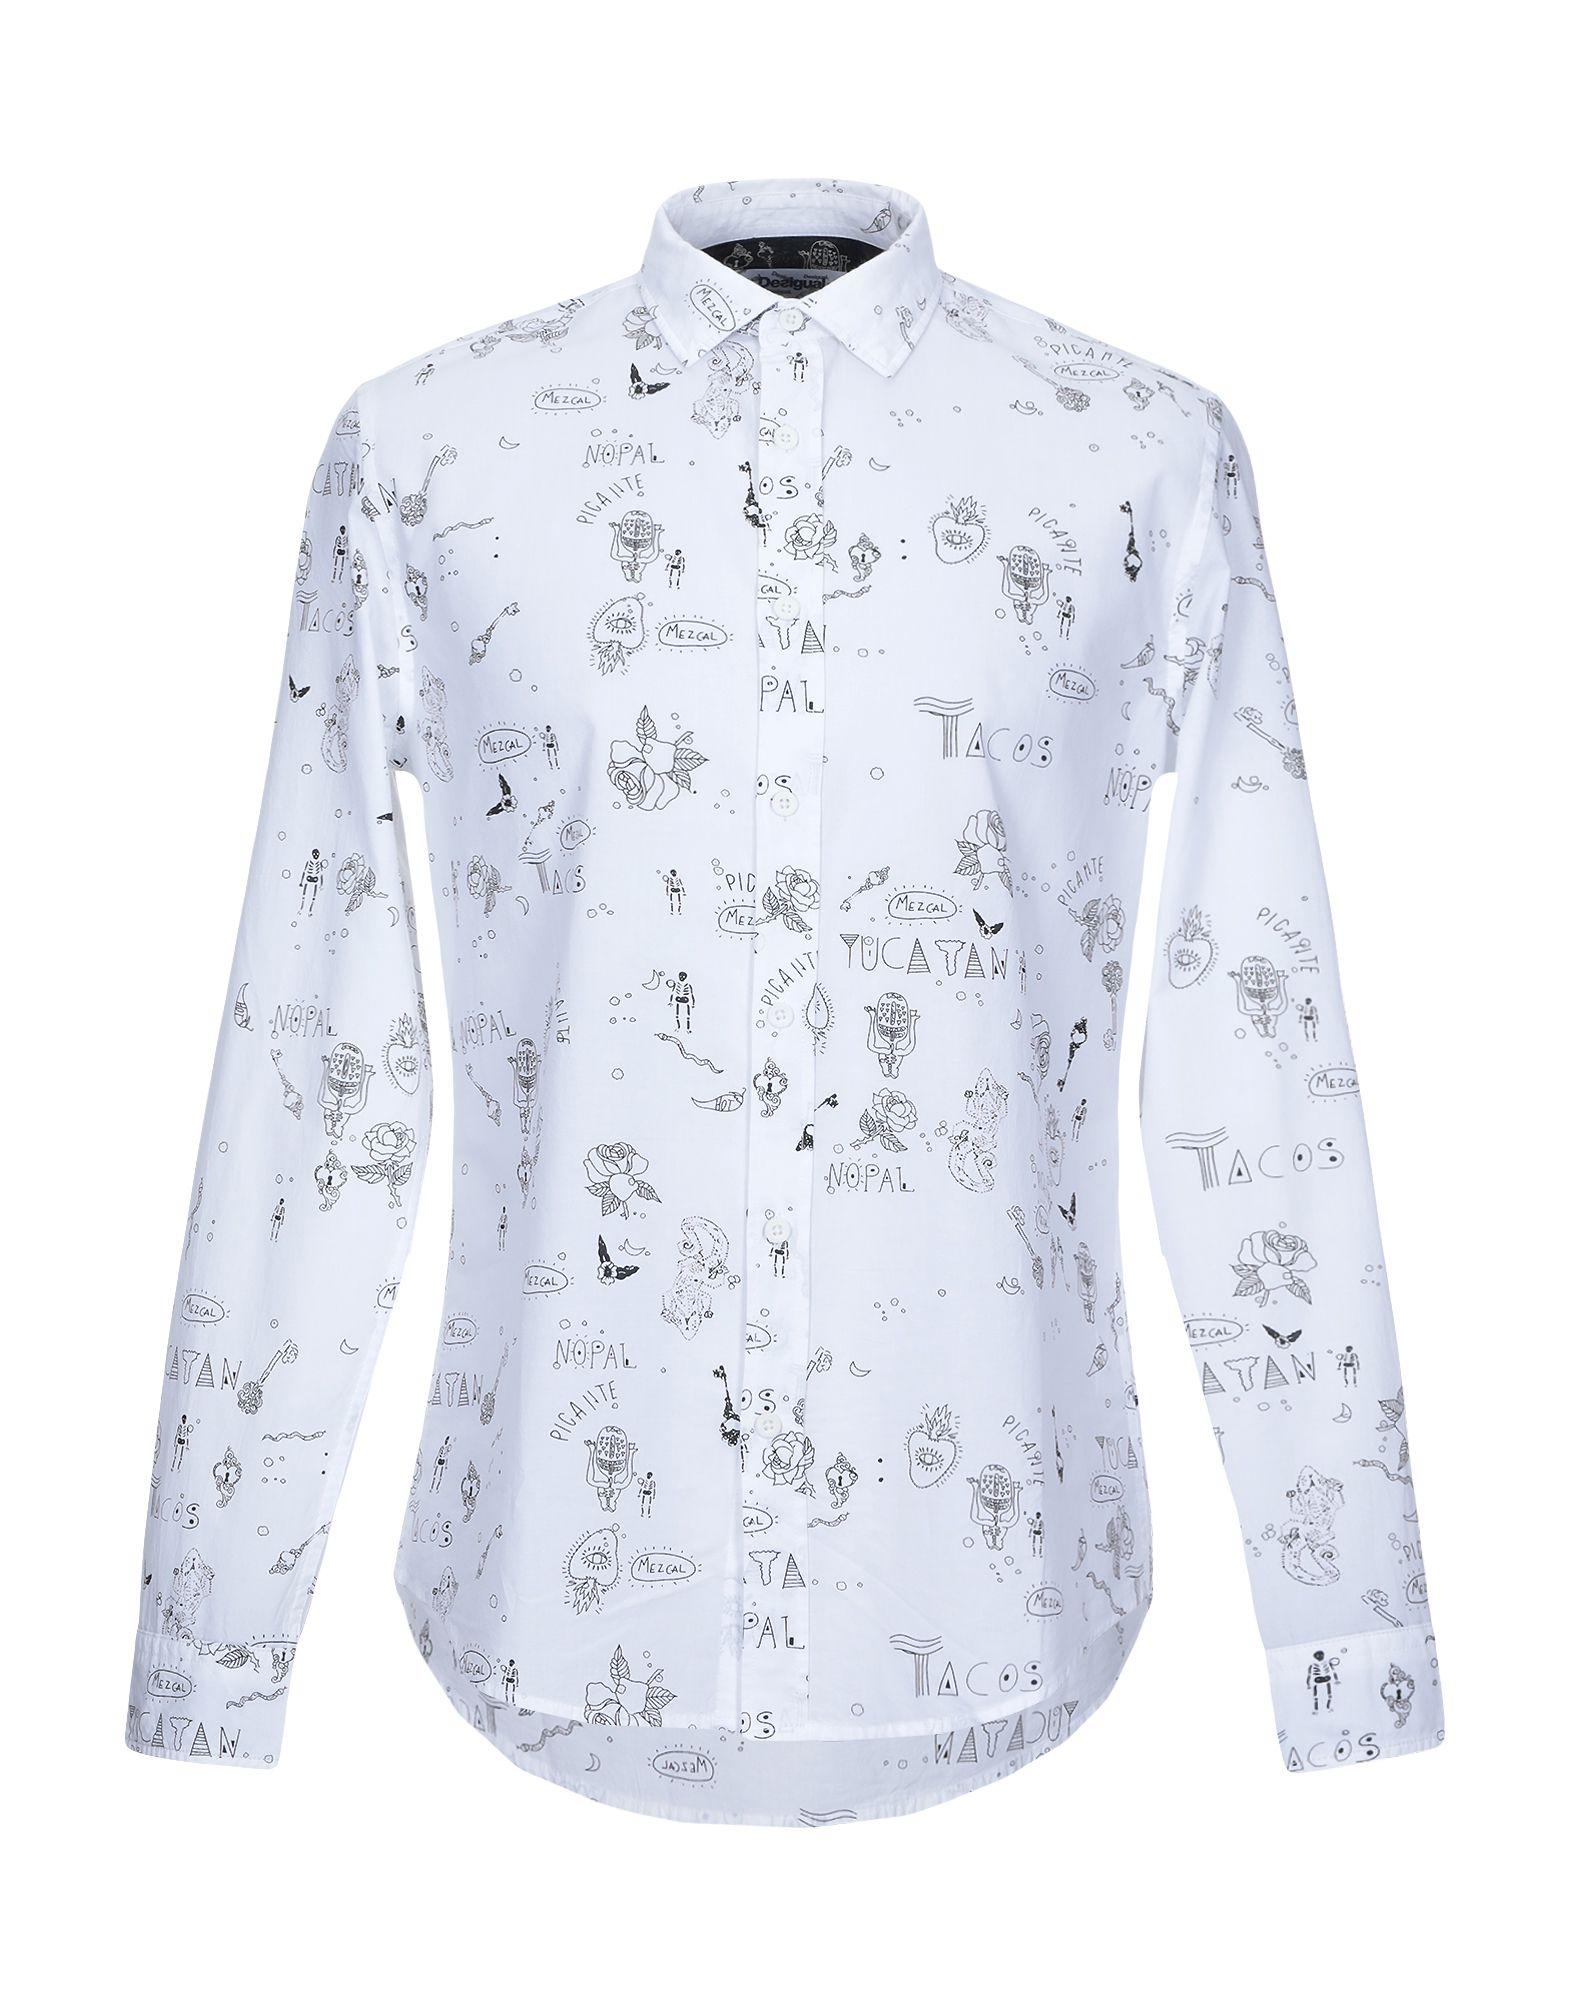 《期間限定セール中》DESIGUAL メンズ シャツ ホワイト S コットン 100%